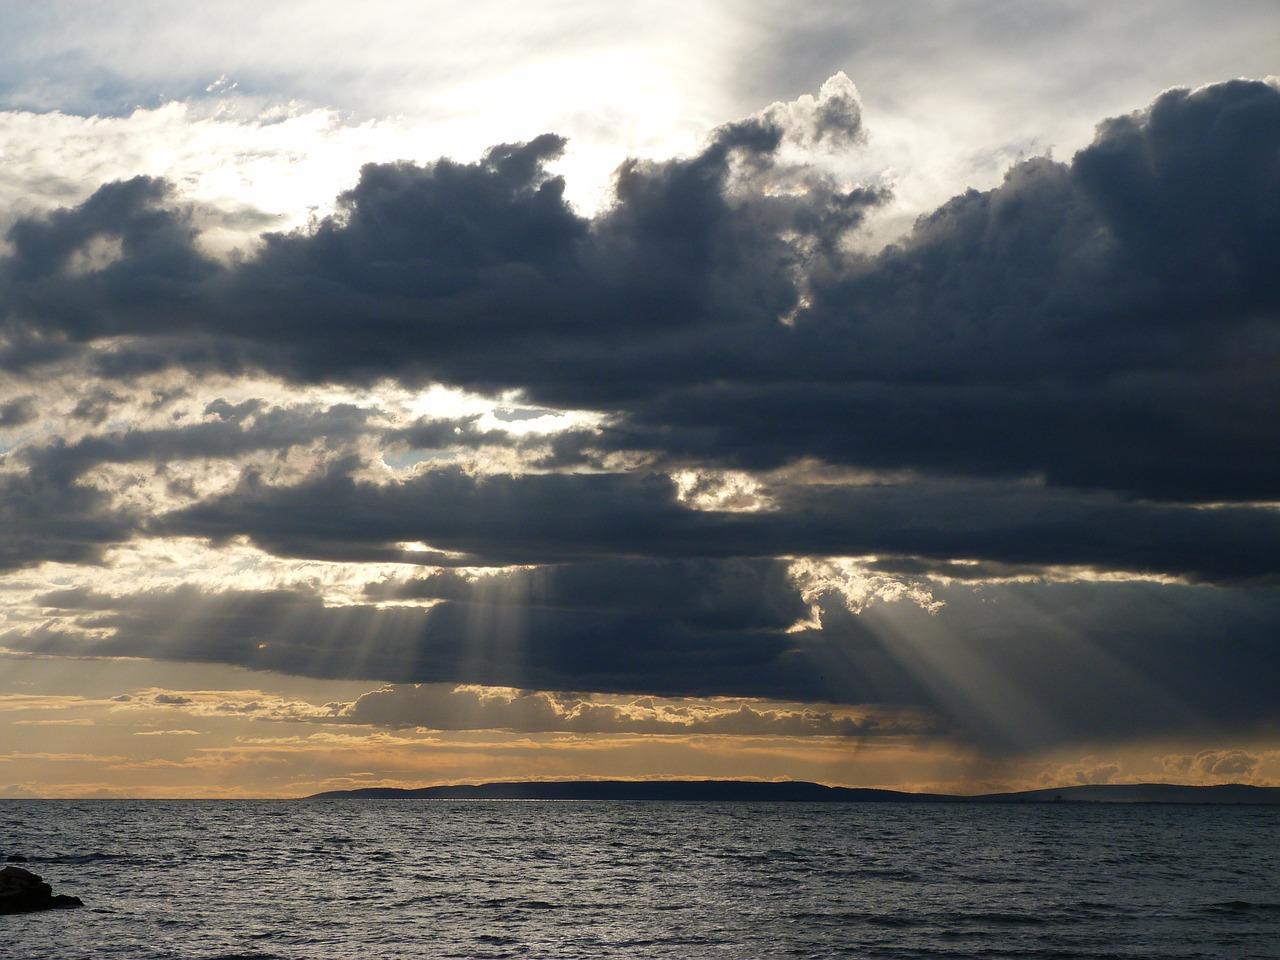 Insiste un flusso di correnti umide atlantiche, temporaneo miglioramento per mercoledì